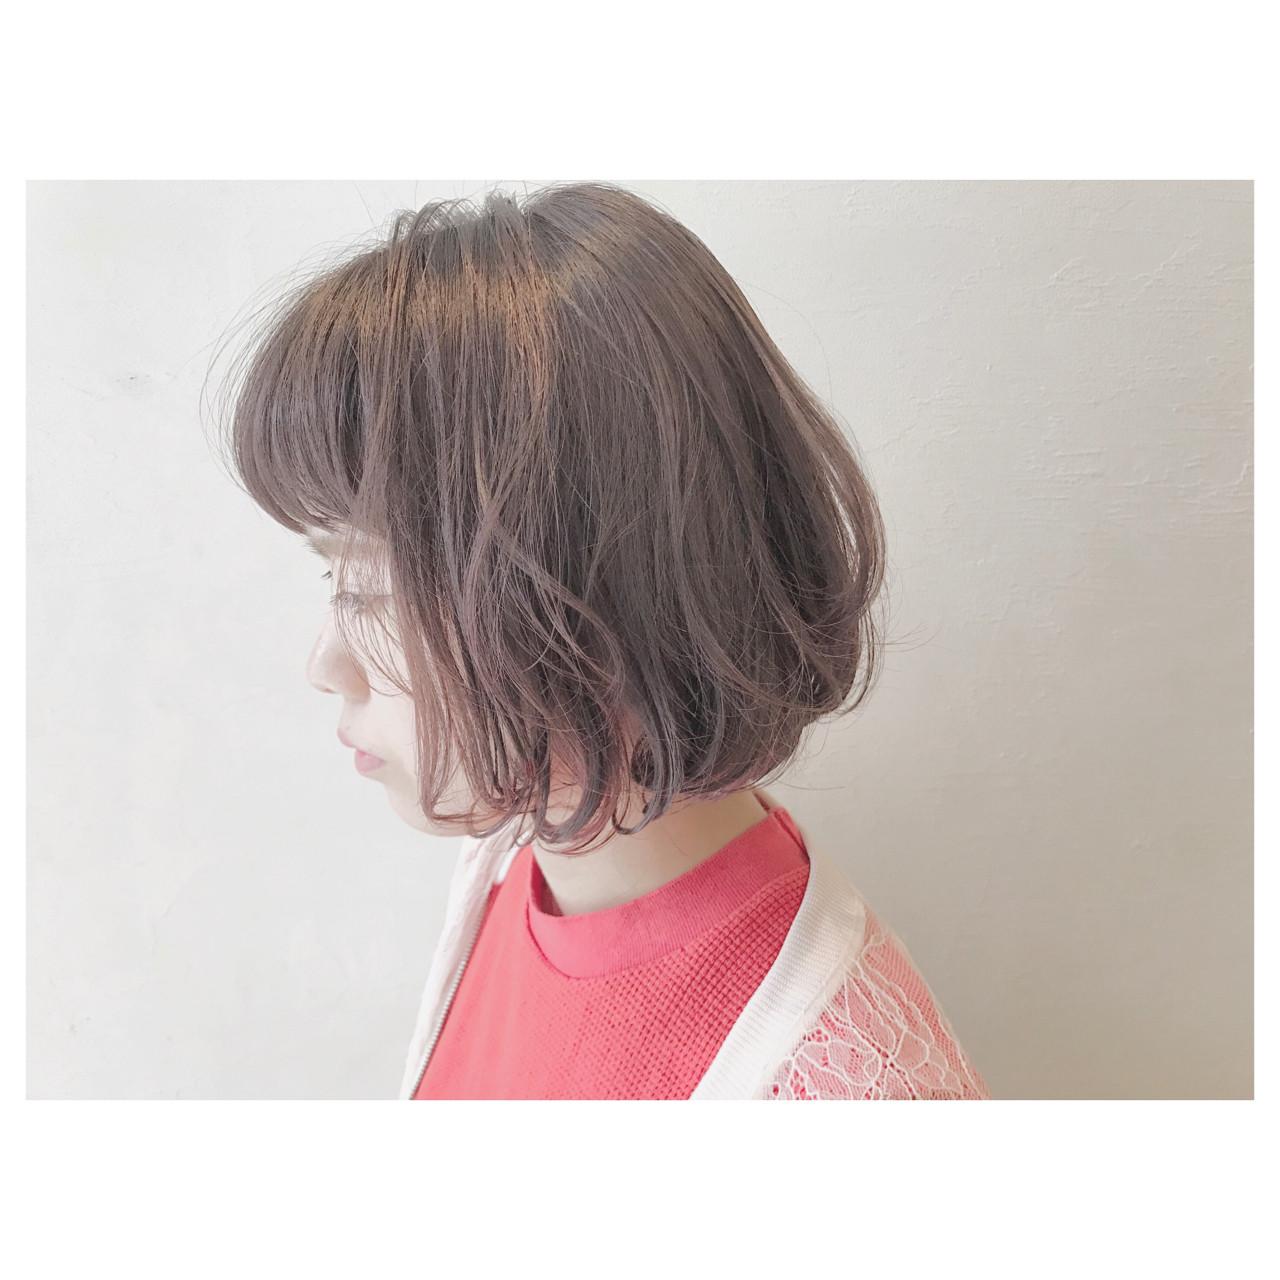 ピンク ウェーブ ストリート ゆるふわ ヘアスタイルや髪型の写真・画像